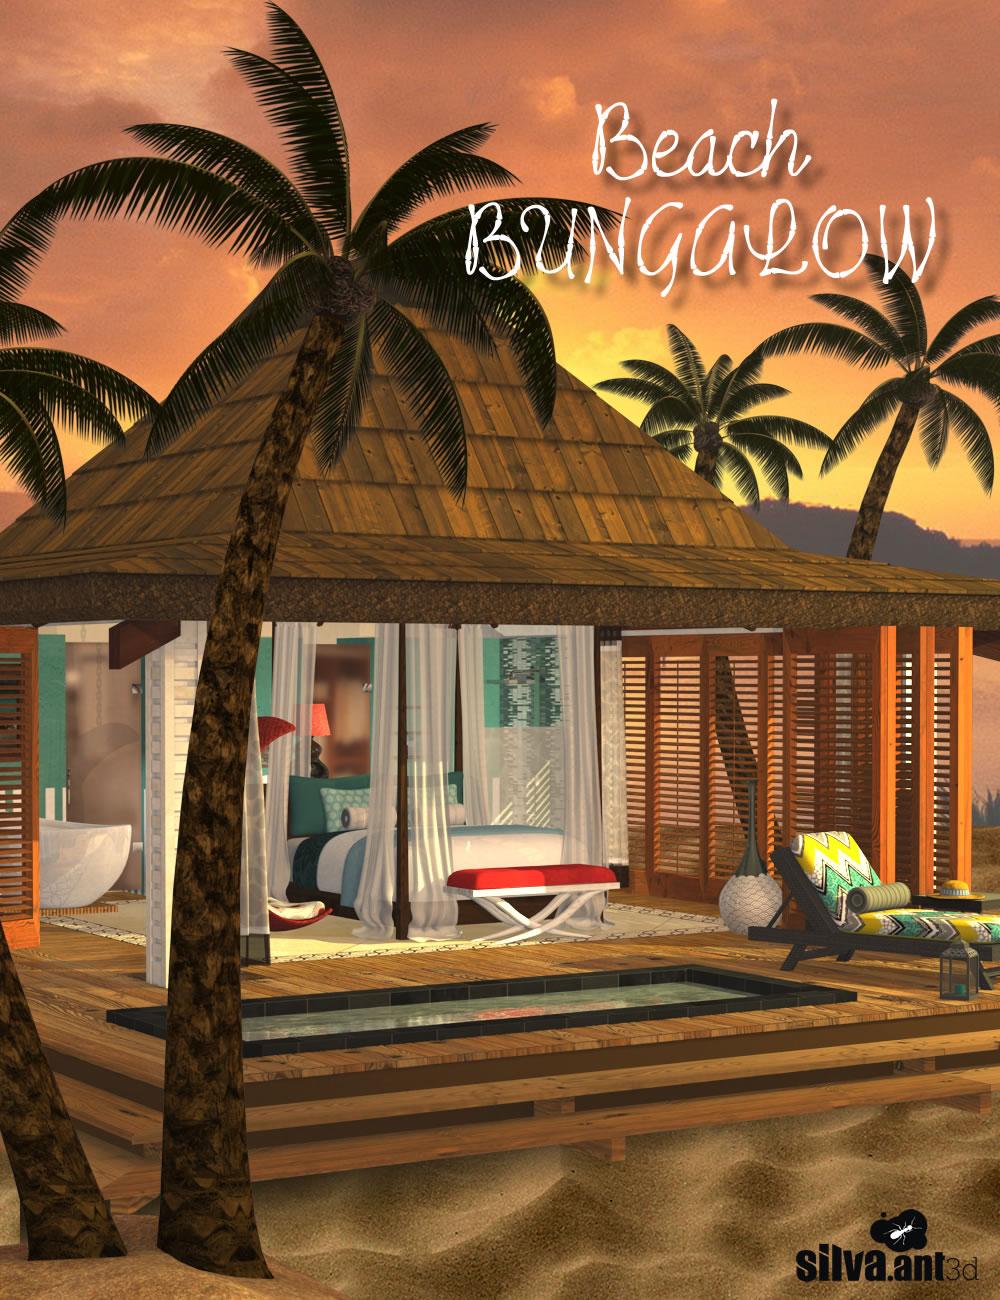 Beach Bungalow by: SilvaAnt3d, 3D Models by Daz 3D